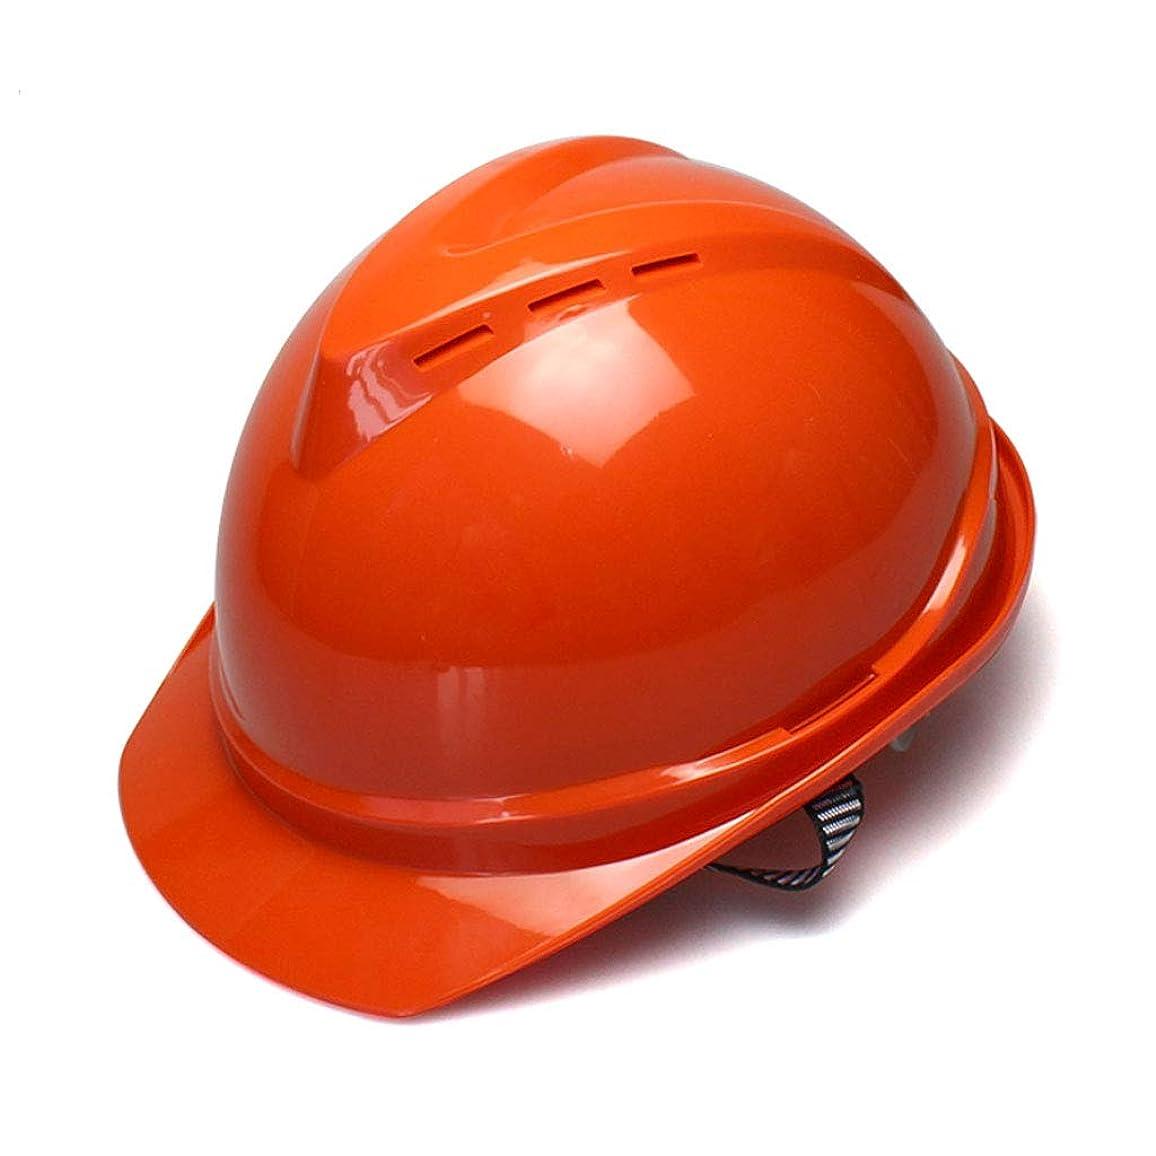 嵐が丘シアー宮殿ヘッド保護 建設用ヘルメット - 6点ライニングABS通気性v型ヘルメット 作業安全装置 (色 : オレンジ)